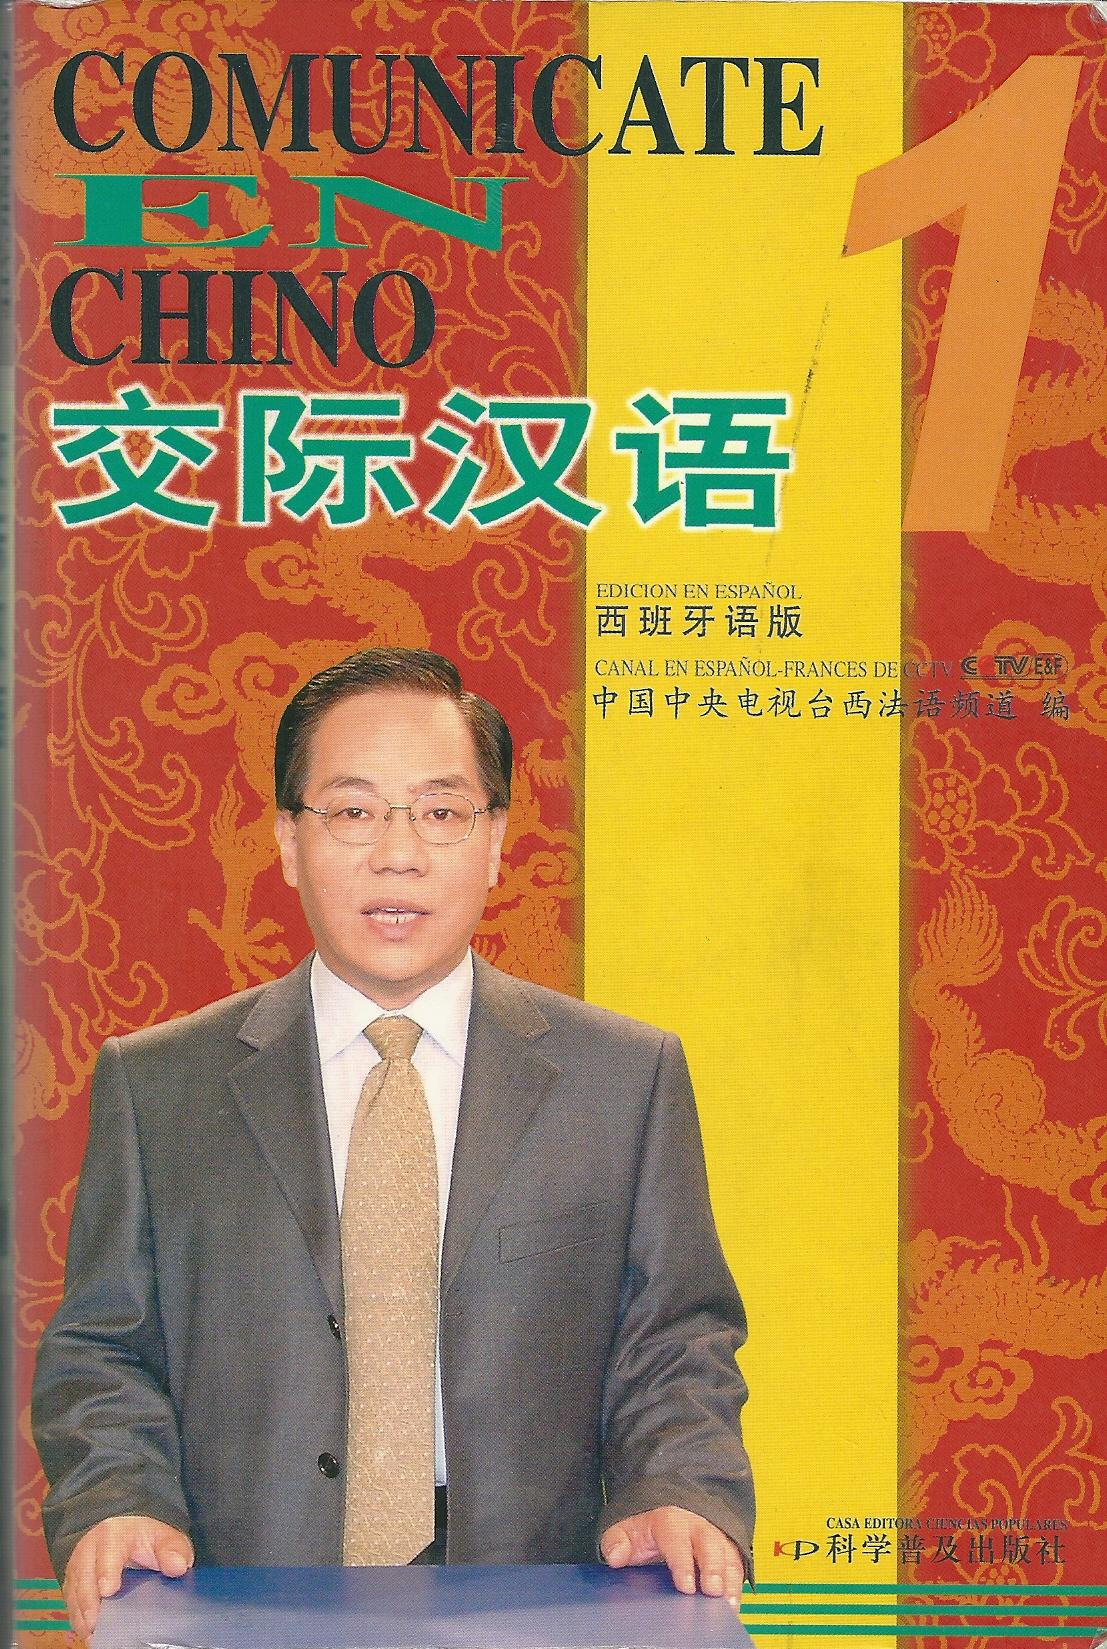 交际汉语/1/西班牙语版/Comunicate en Chino